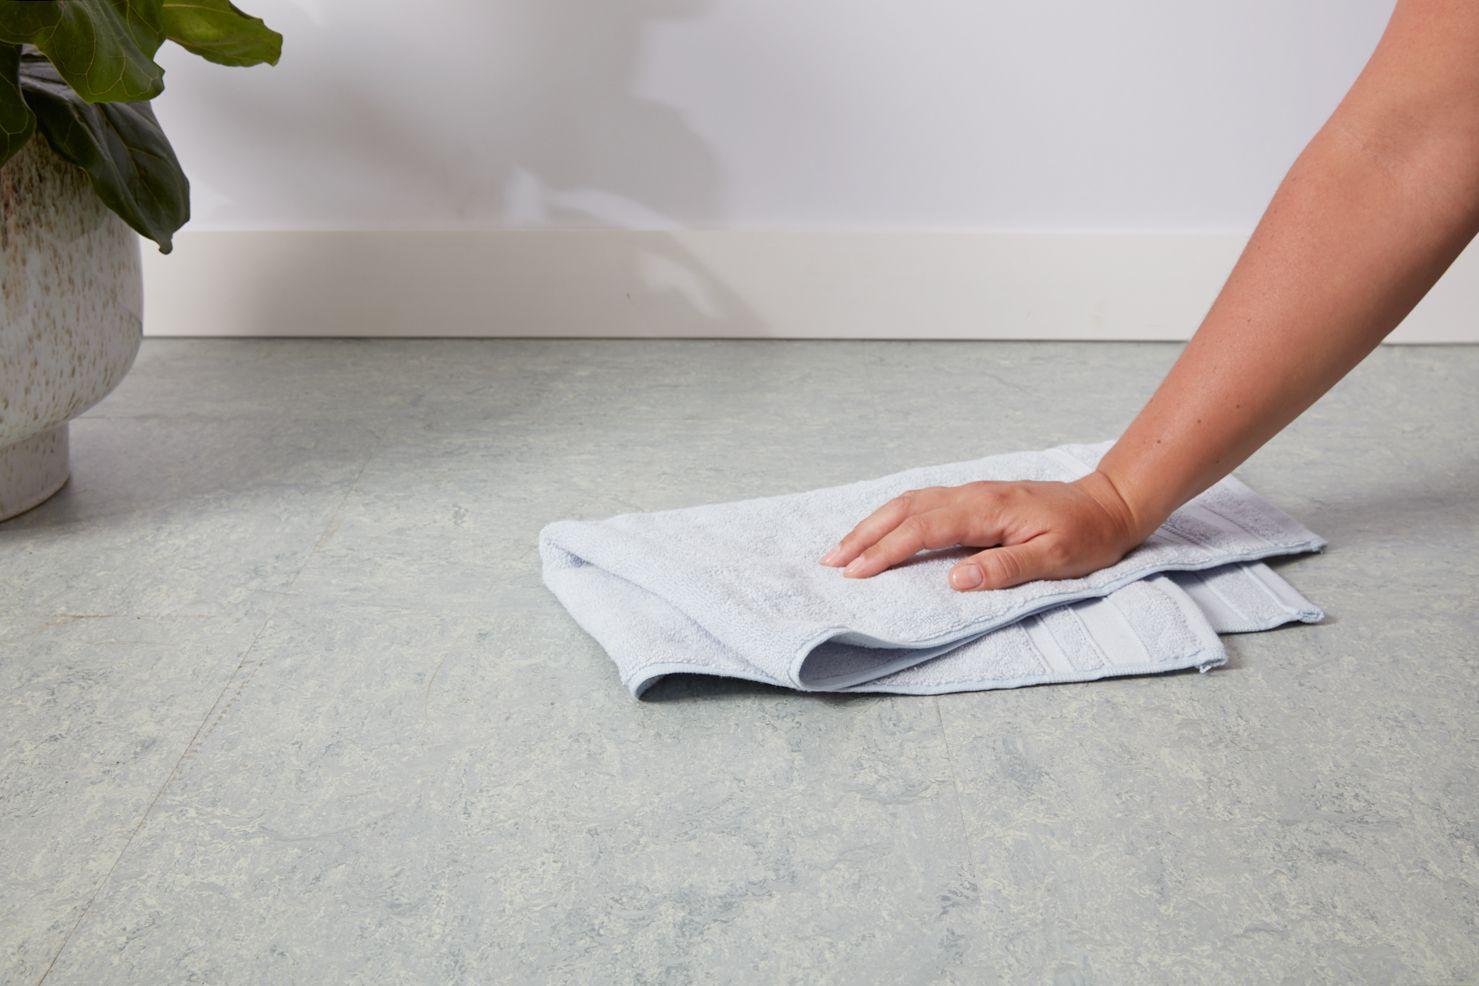 Drying linoleum floor with towel